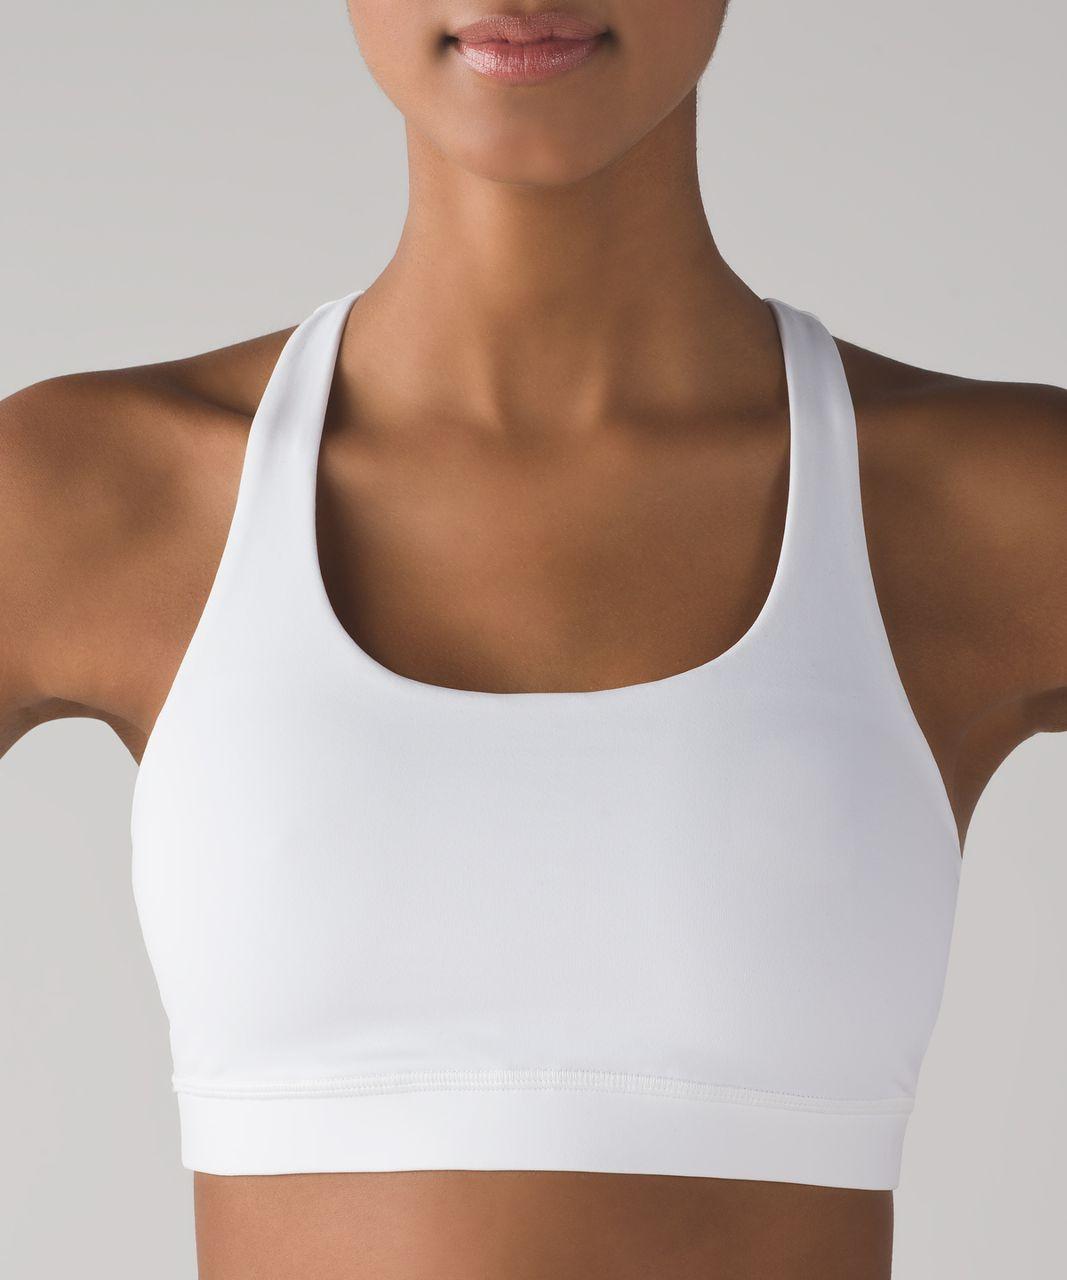 Lululemon Invigorate Bra - White